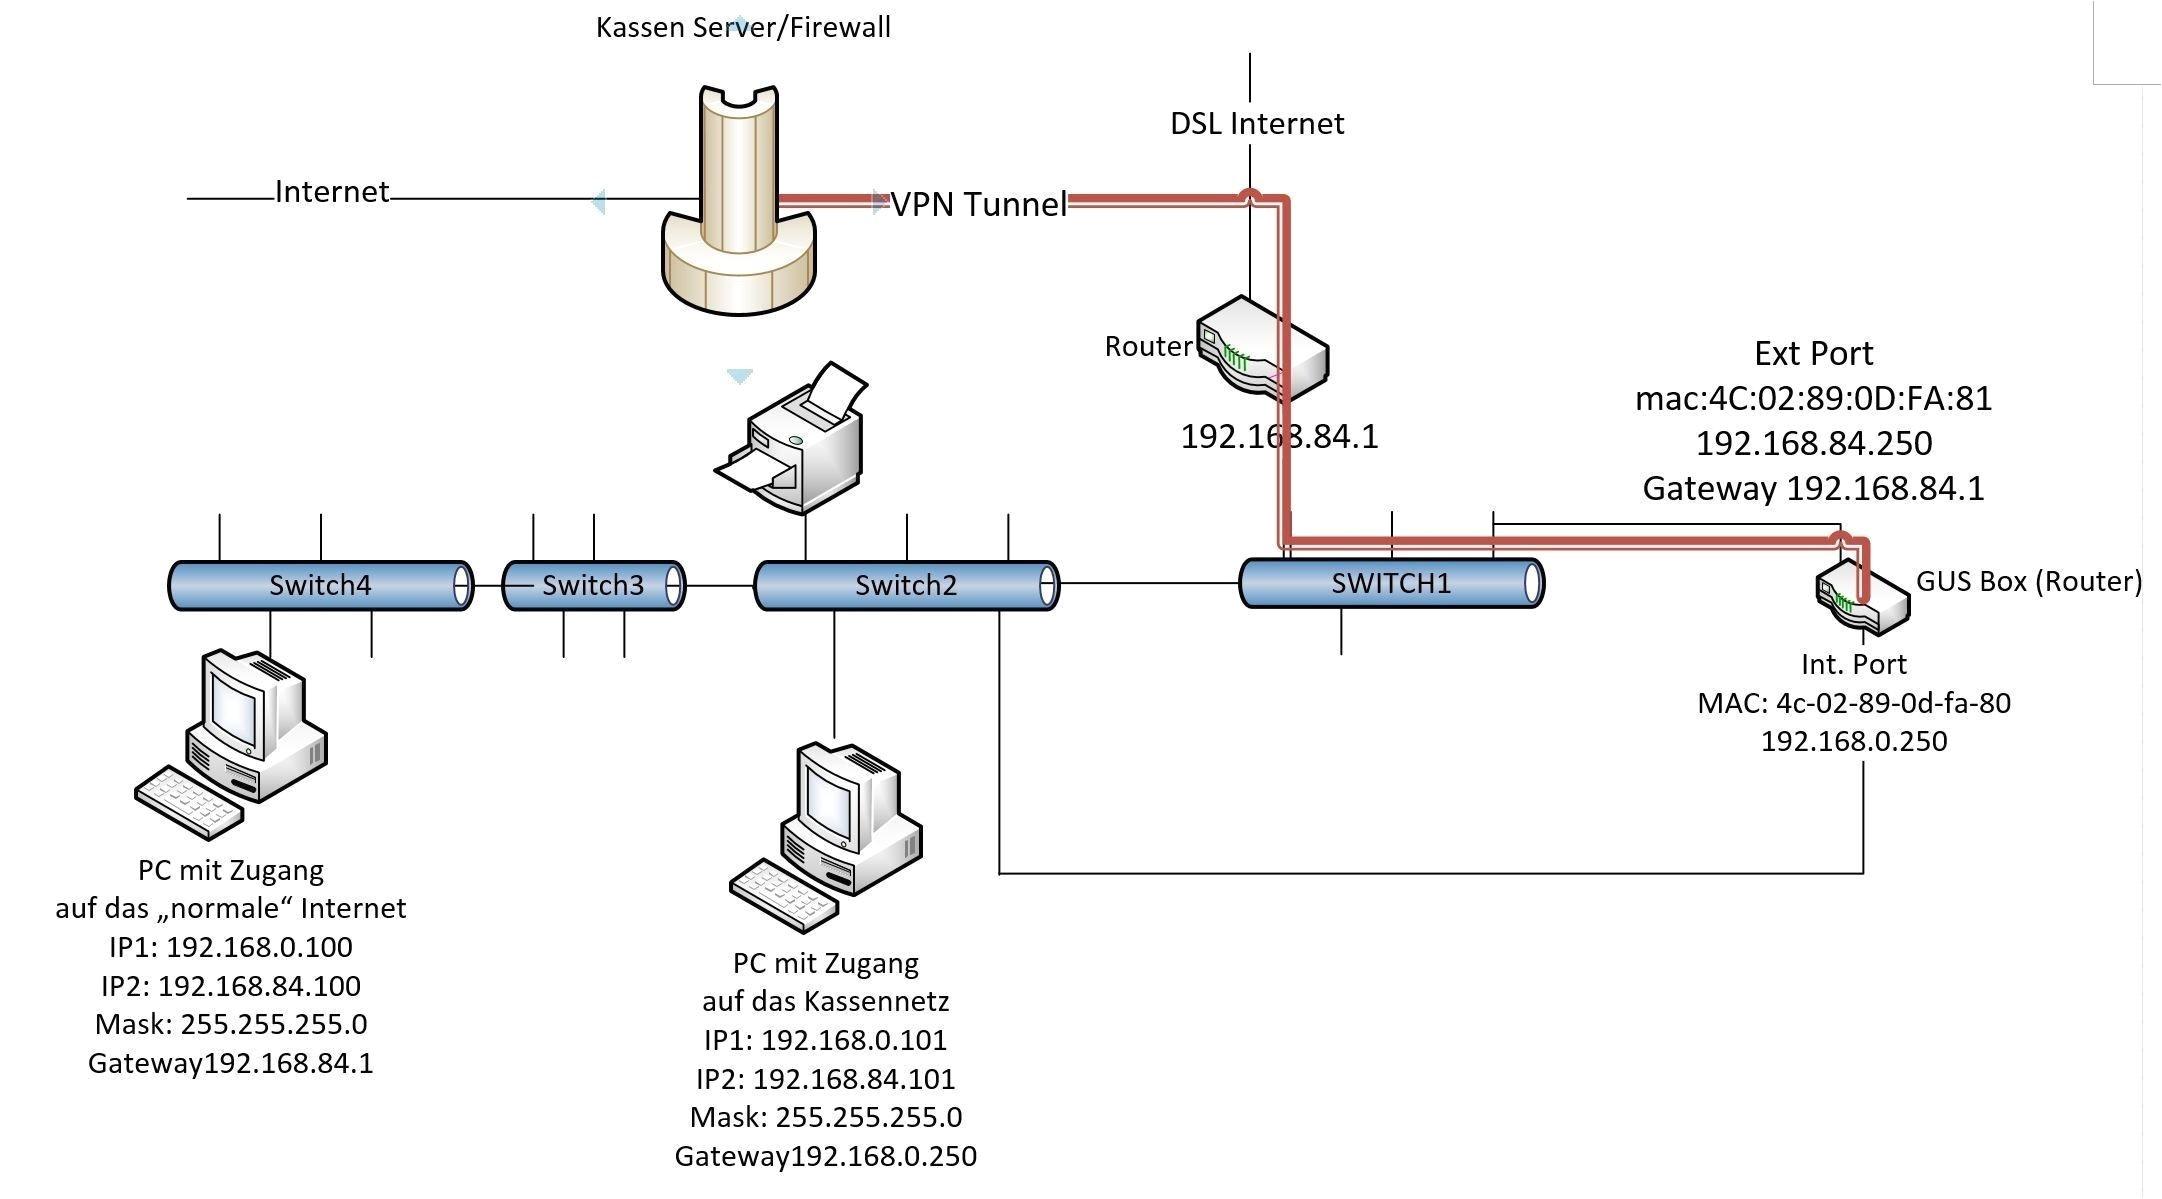 guitar wiring diagram app wiring diagram basic guitar wiring diagram app